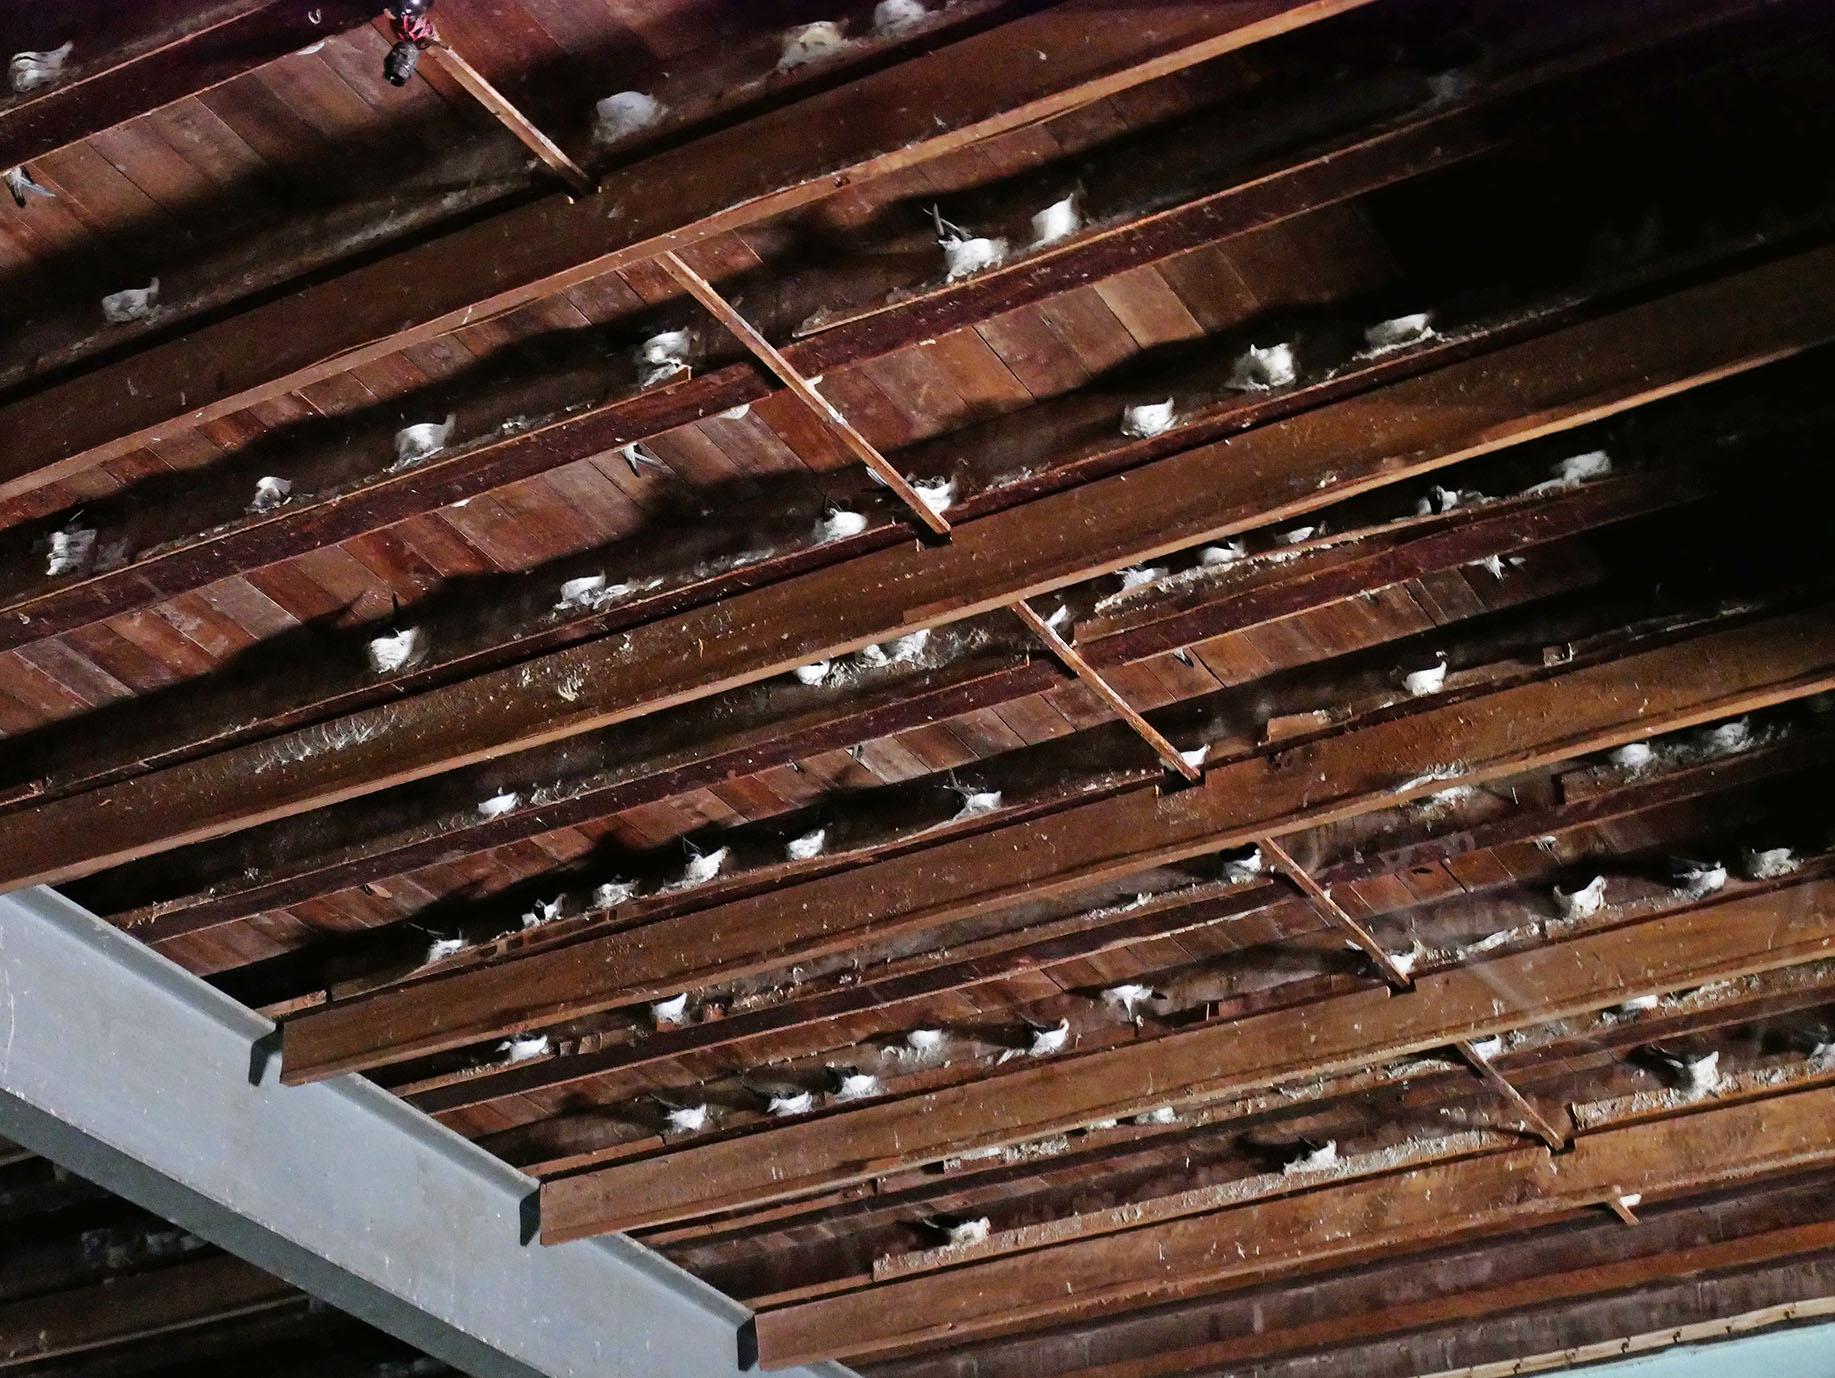 天井の梁に付着している白いものが燕の巣